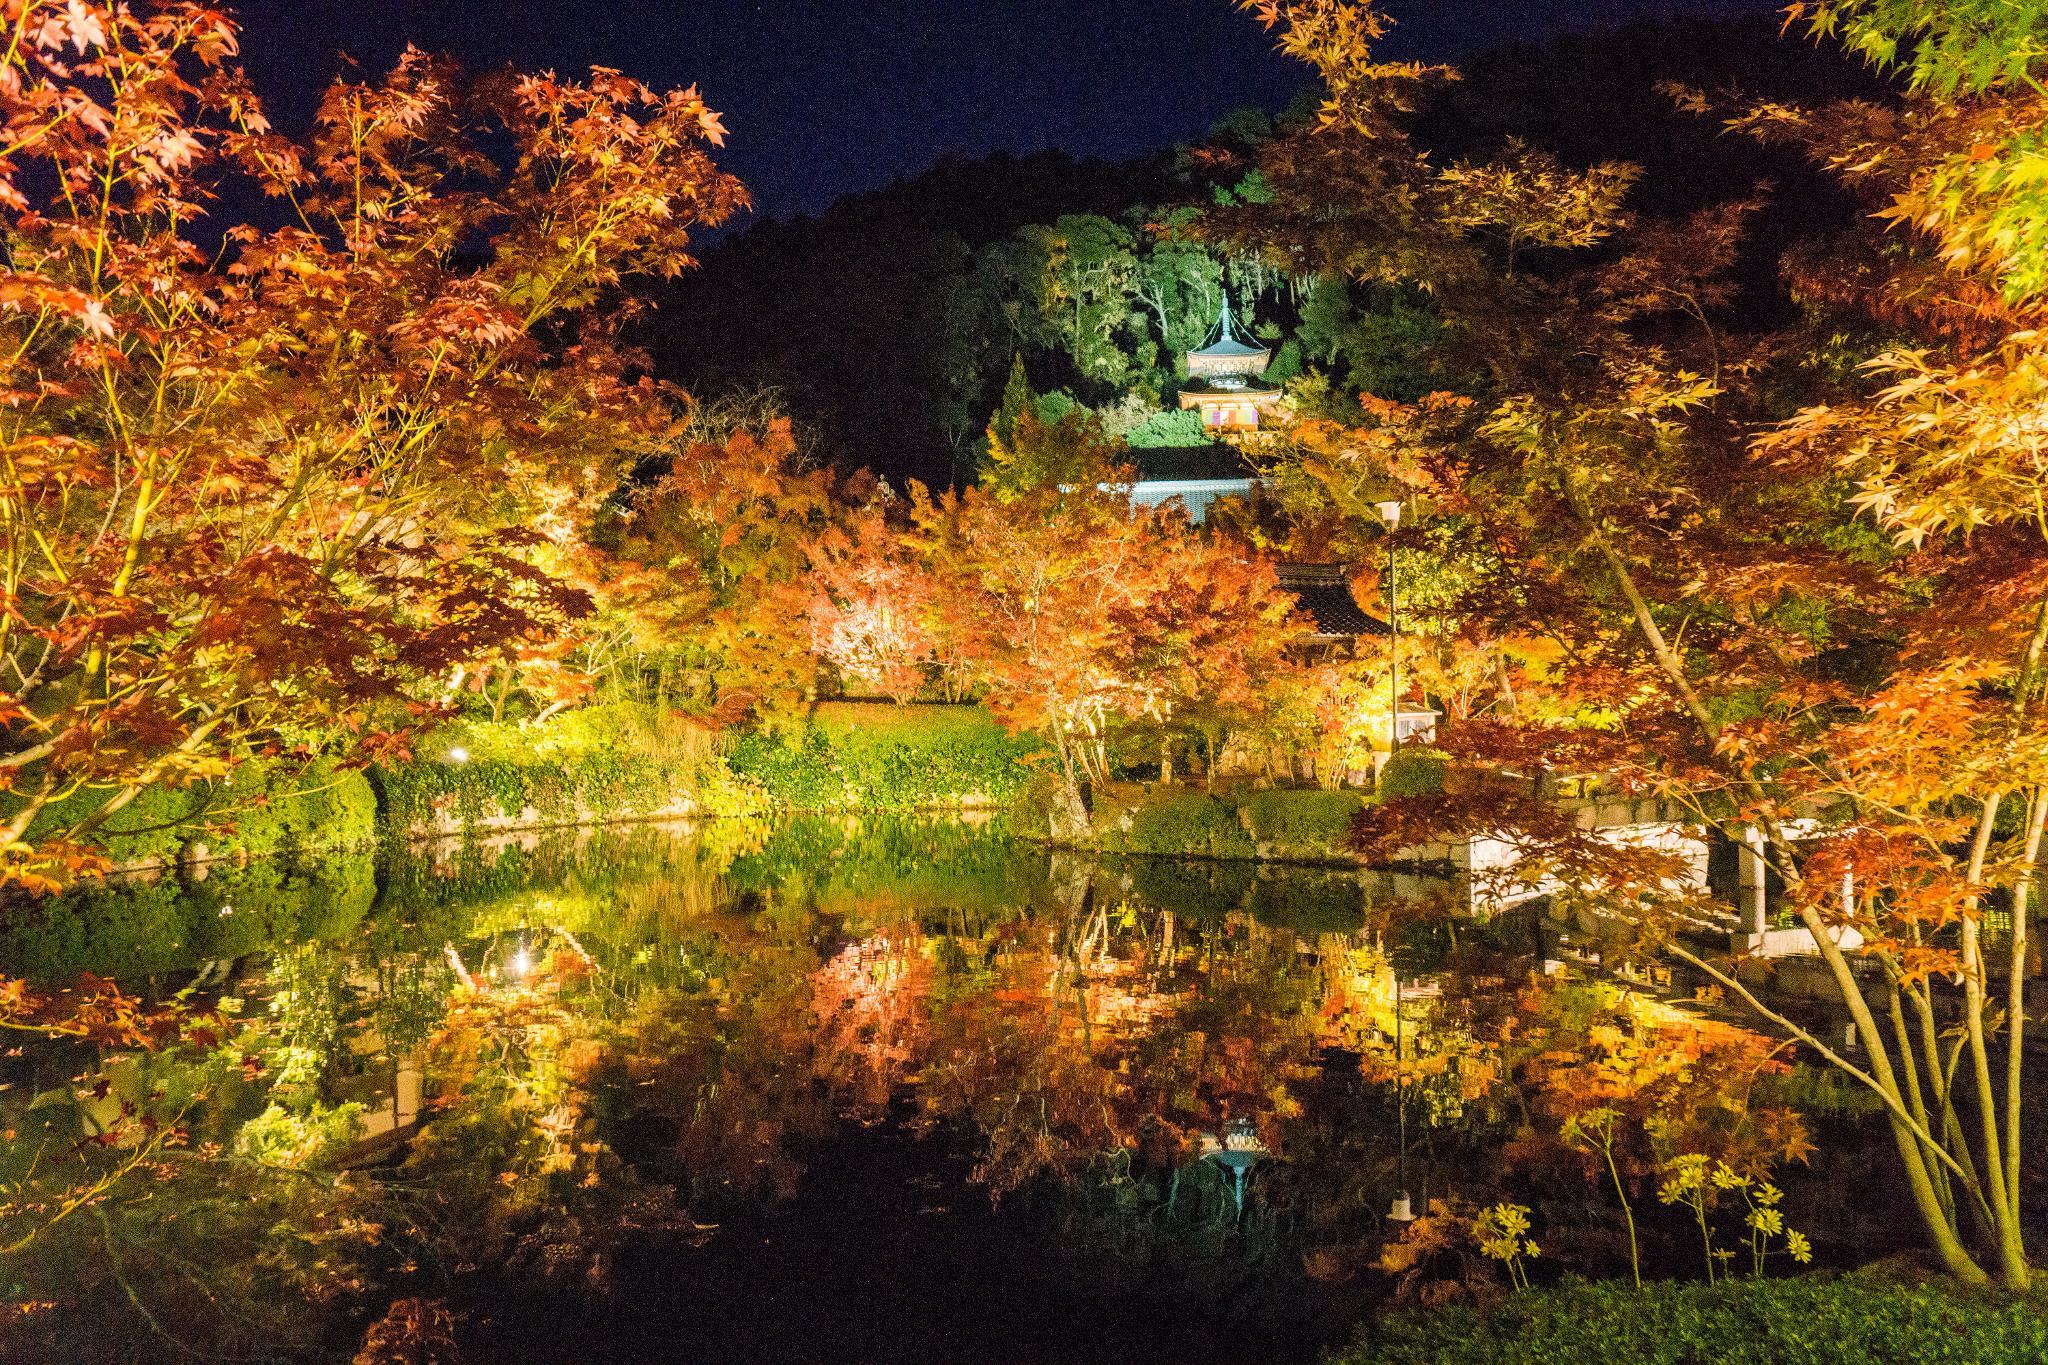 【京都】此生必來的紅葉狩絕景 - 永觀堂夜楓 112